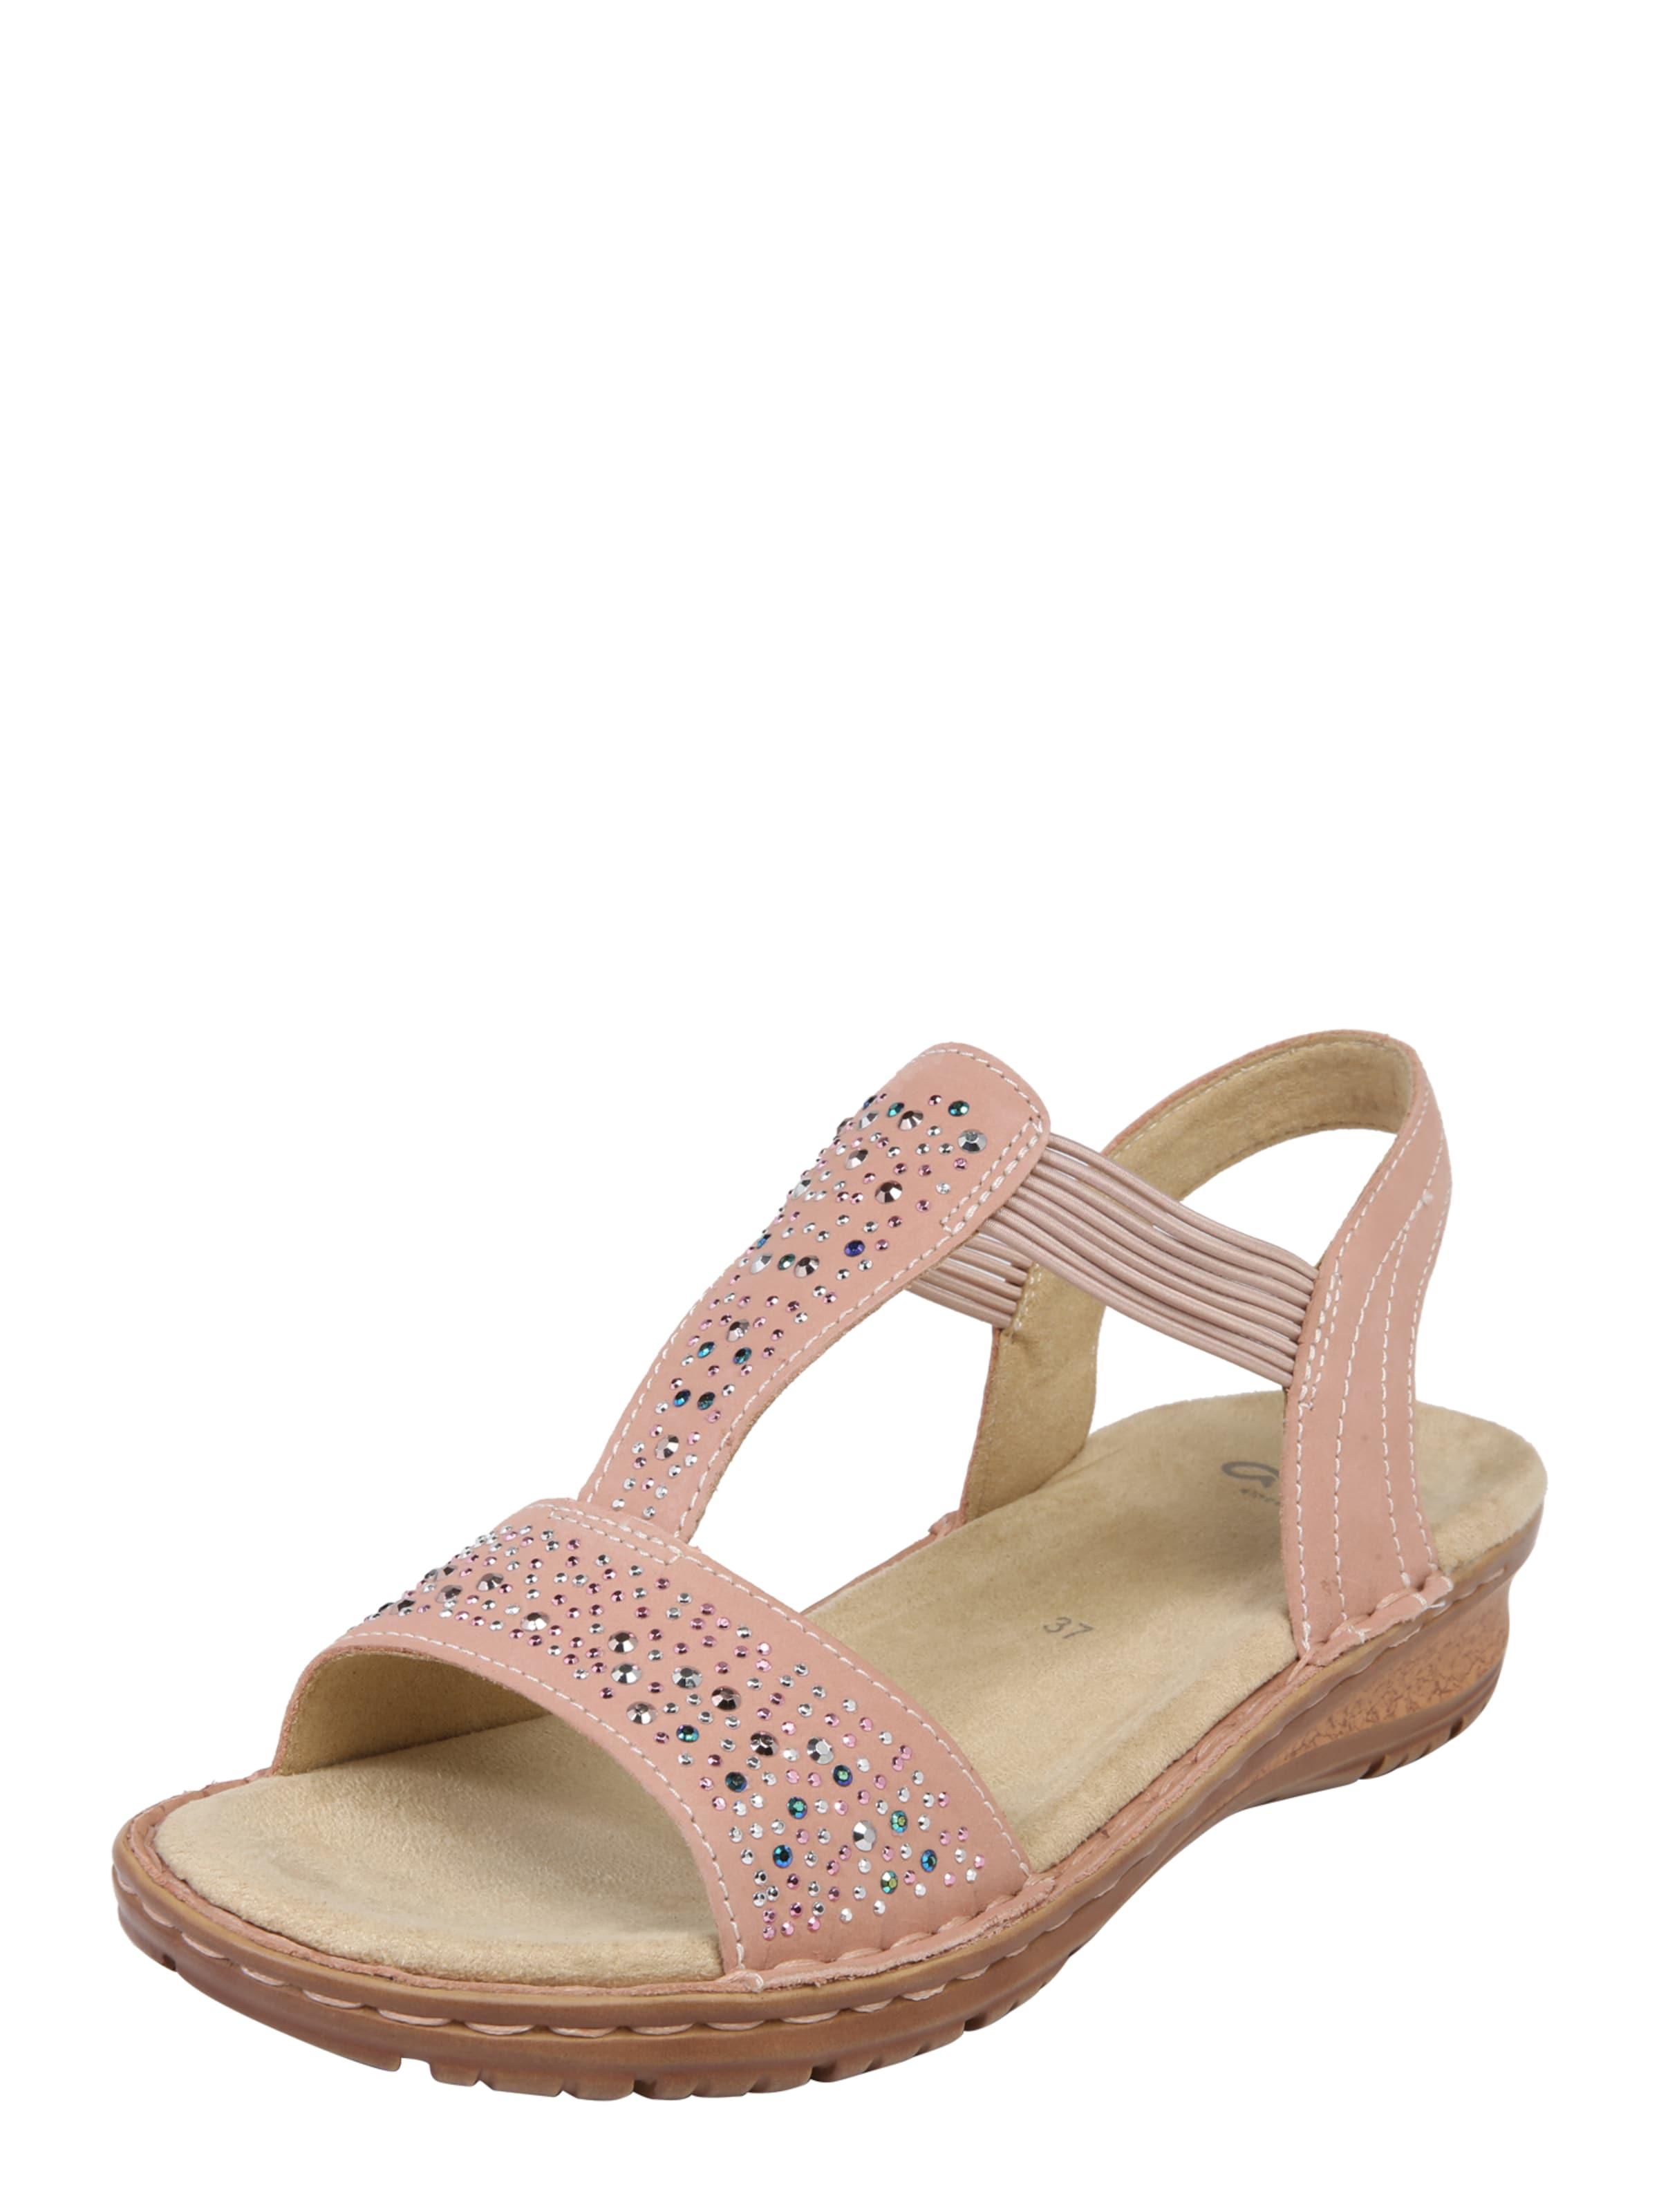 'hawaii' Sandale Ara Ara In Sandale RosaPuder PZOXkiuT